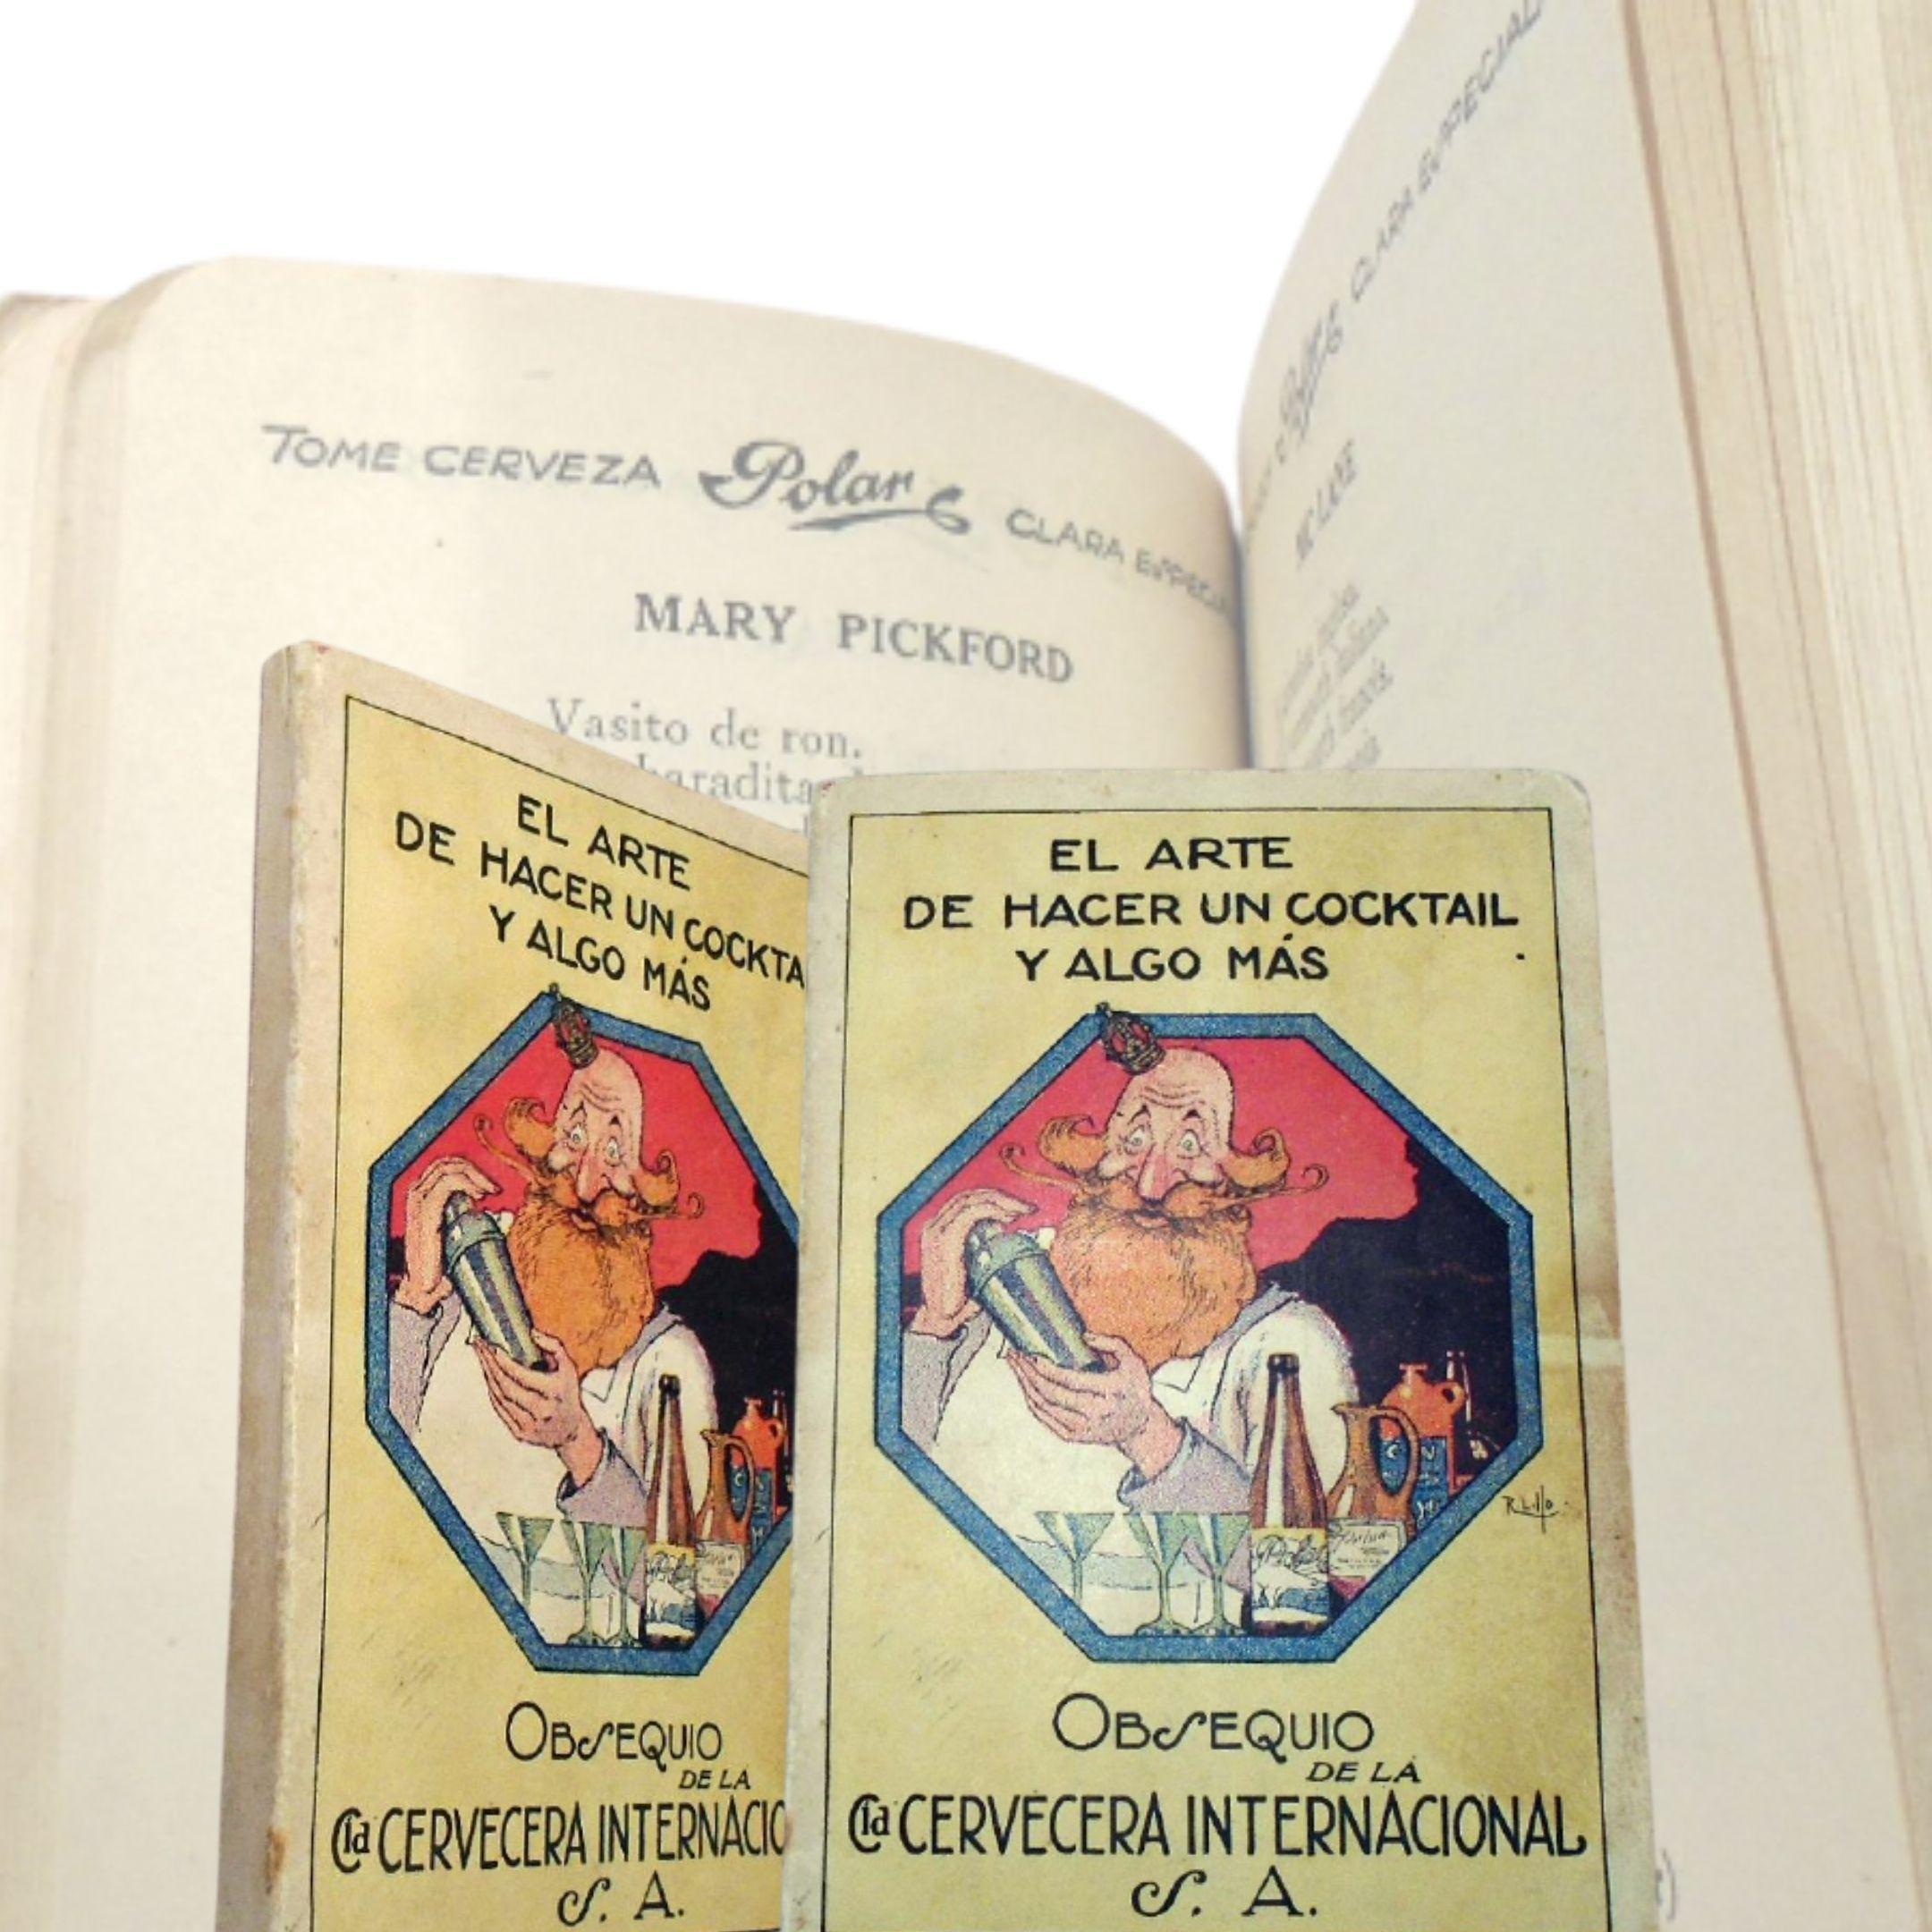 """Un gioiello strepitoso: """"El Arte De Hacer Un Cocktail Y Algo Mas"""" (La Habana, 1927): alle origini del Mojito e del Mary Pickford"""